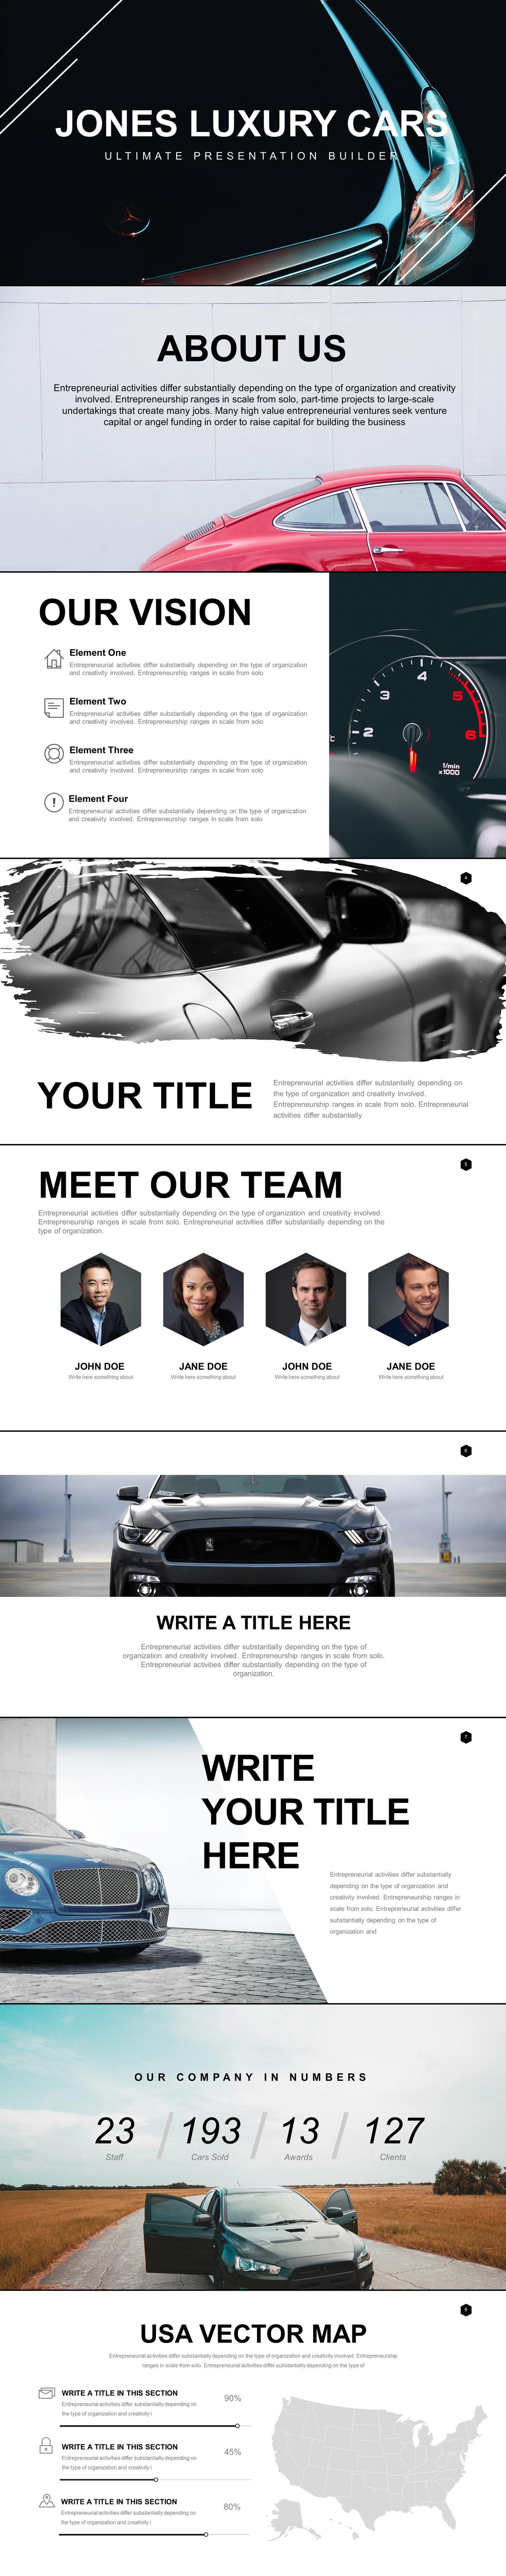 Konsus's sample presentation: Jones Cars